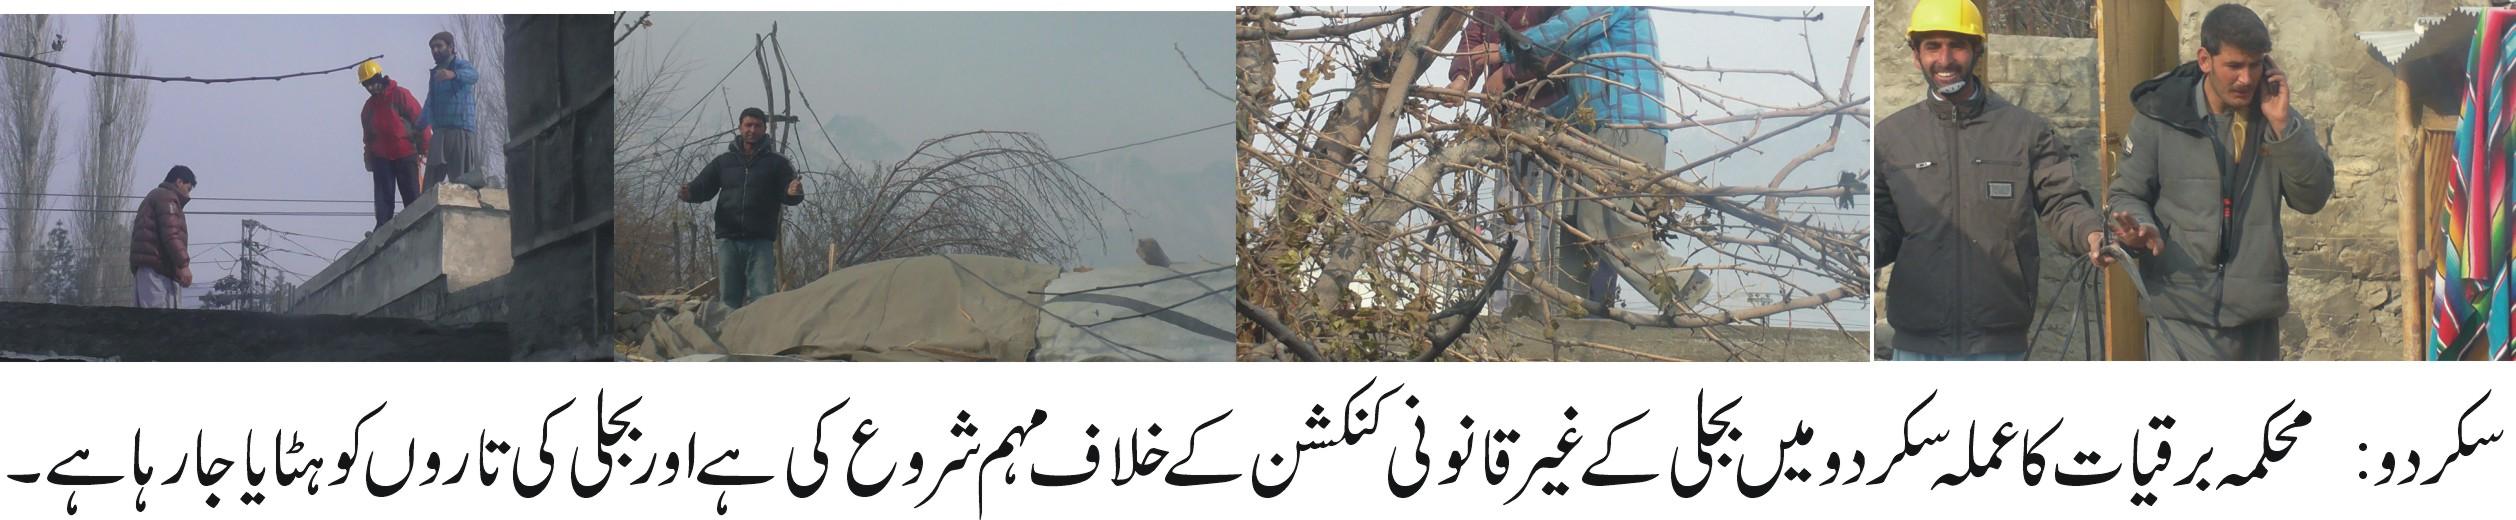 سکردو میں بجلی چوروں کے خلاف کاروائی شروع